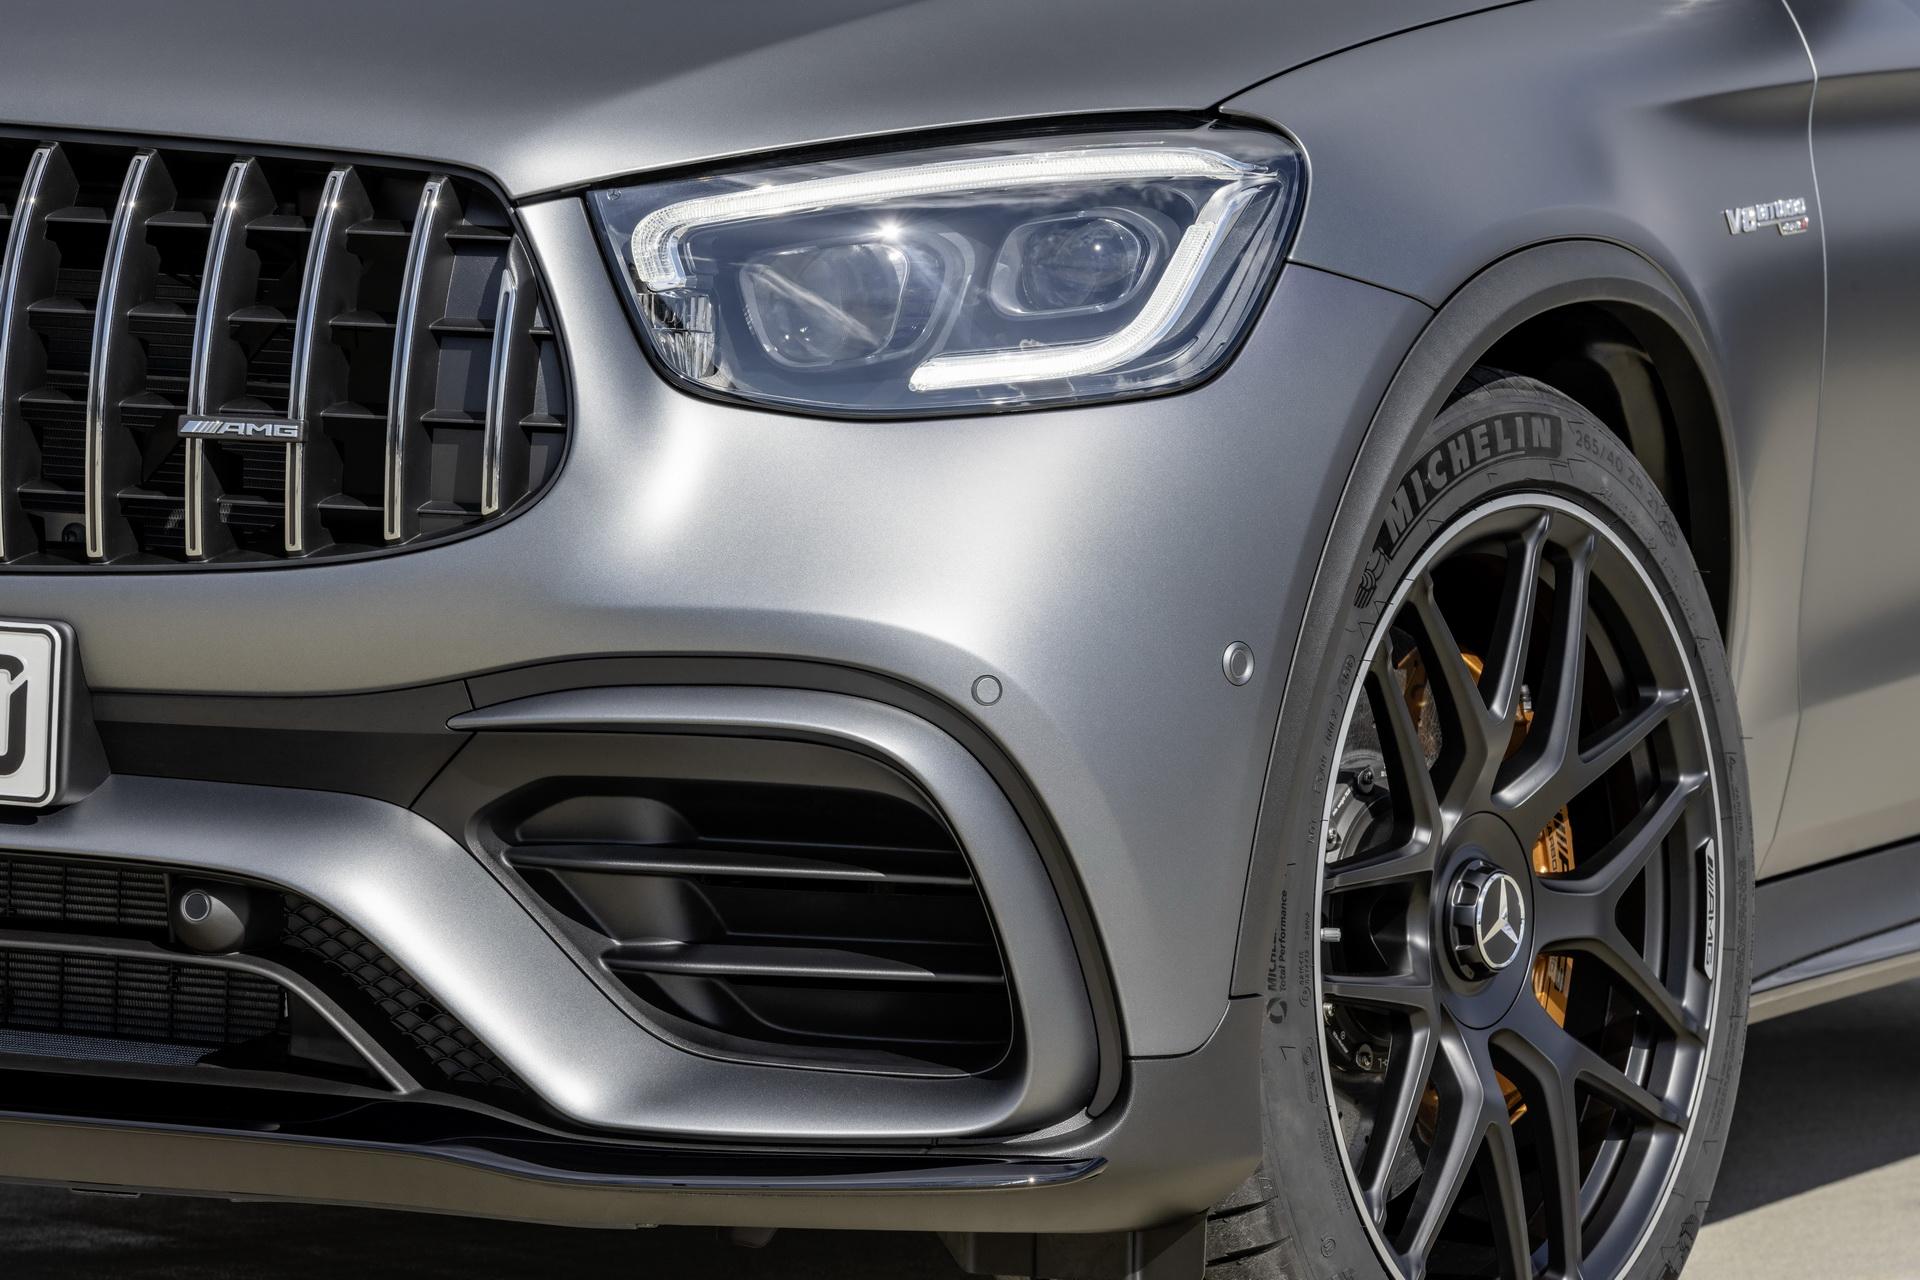 Mercedes AMG GLC 63 phiên bản mạnh nhất có giá từ 2,2 tỷ đồng tại Anh - 18